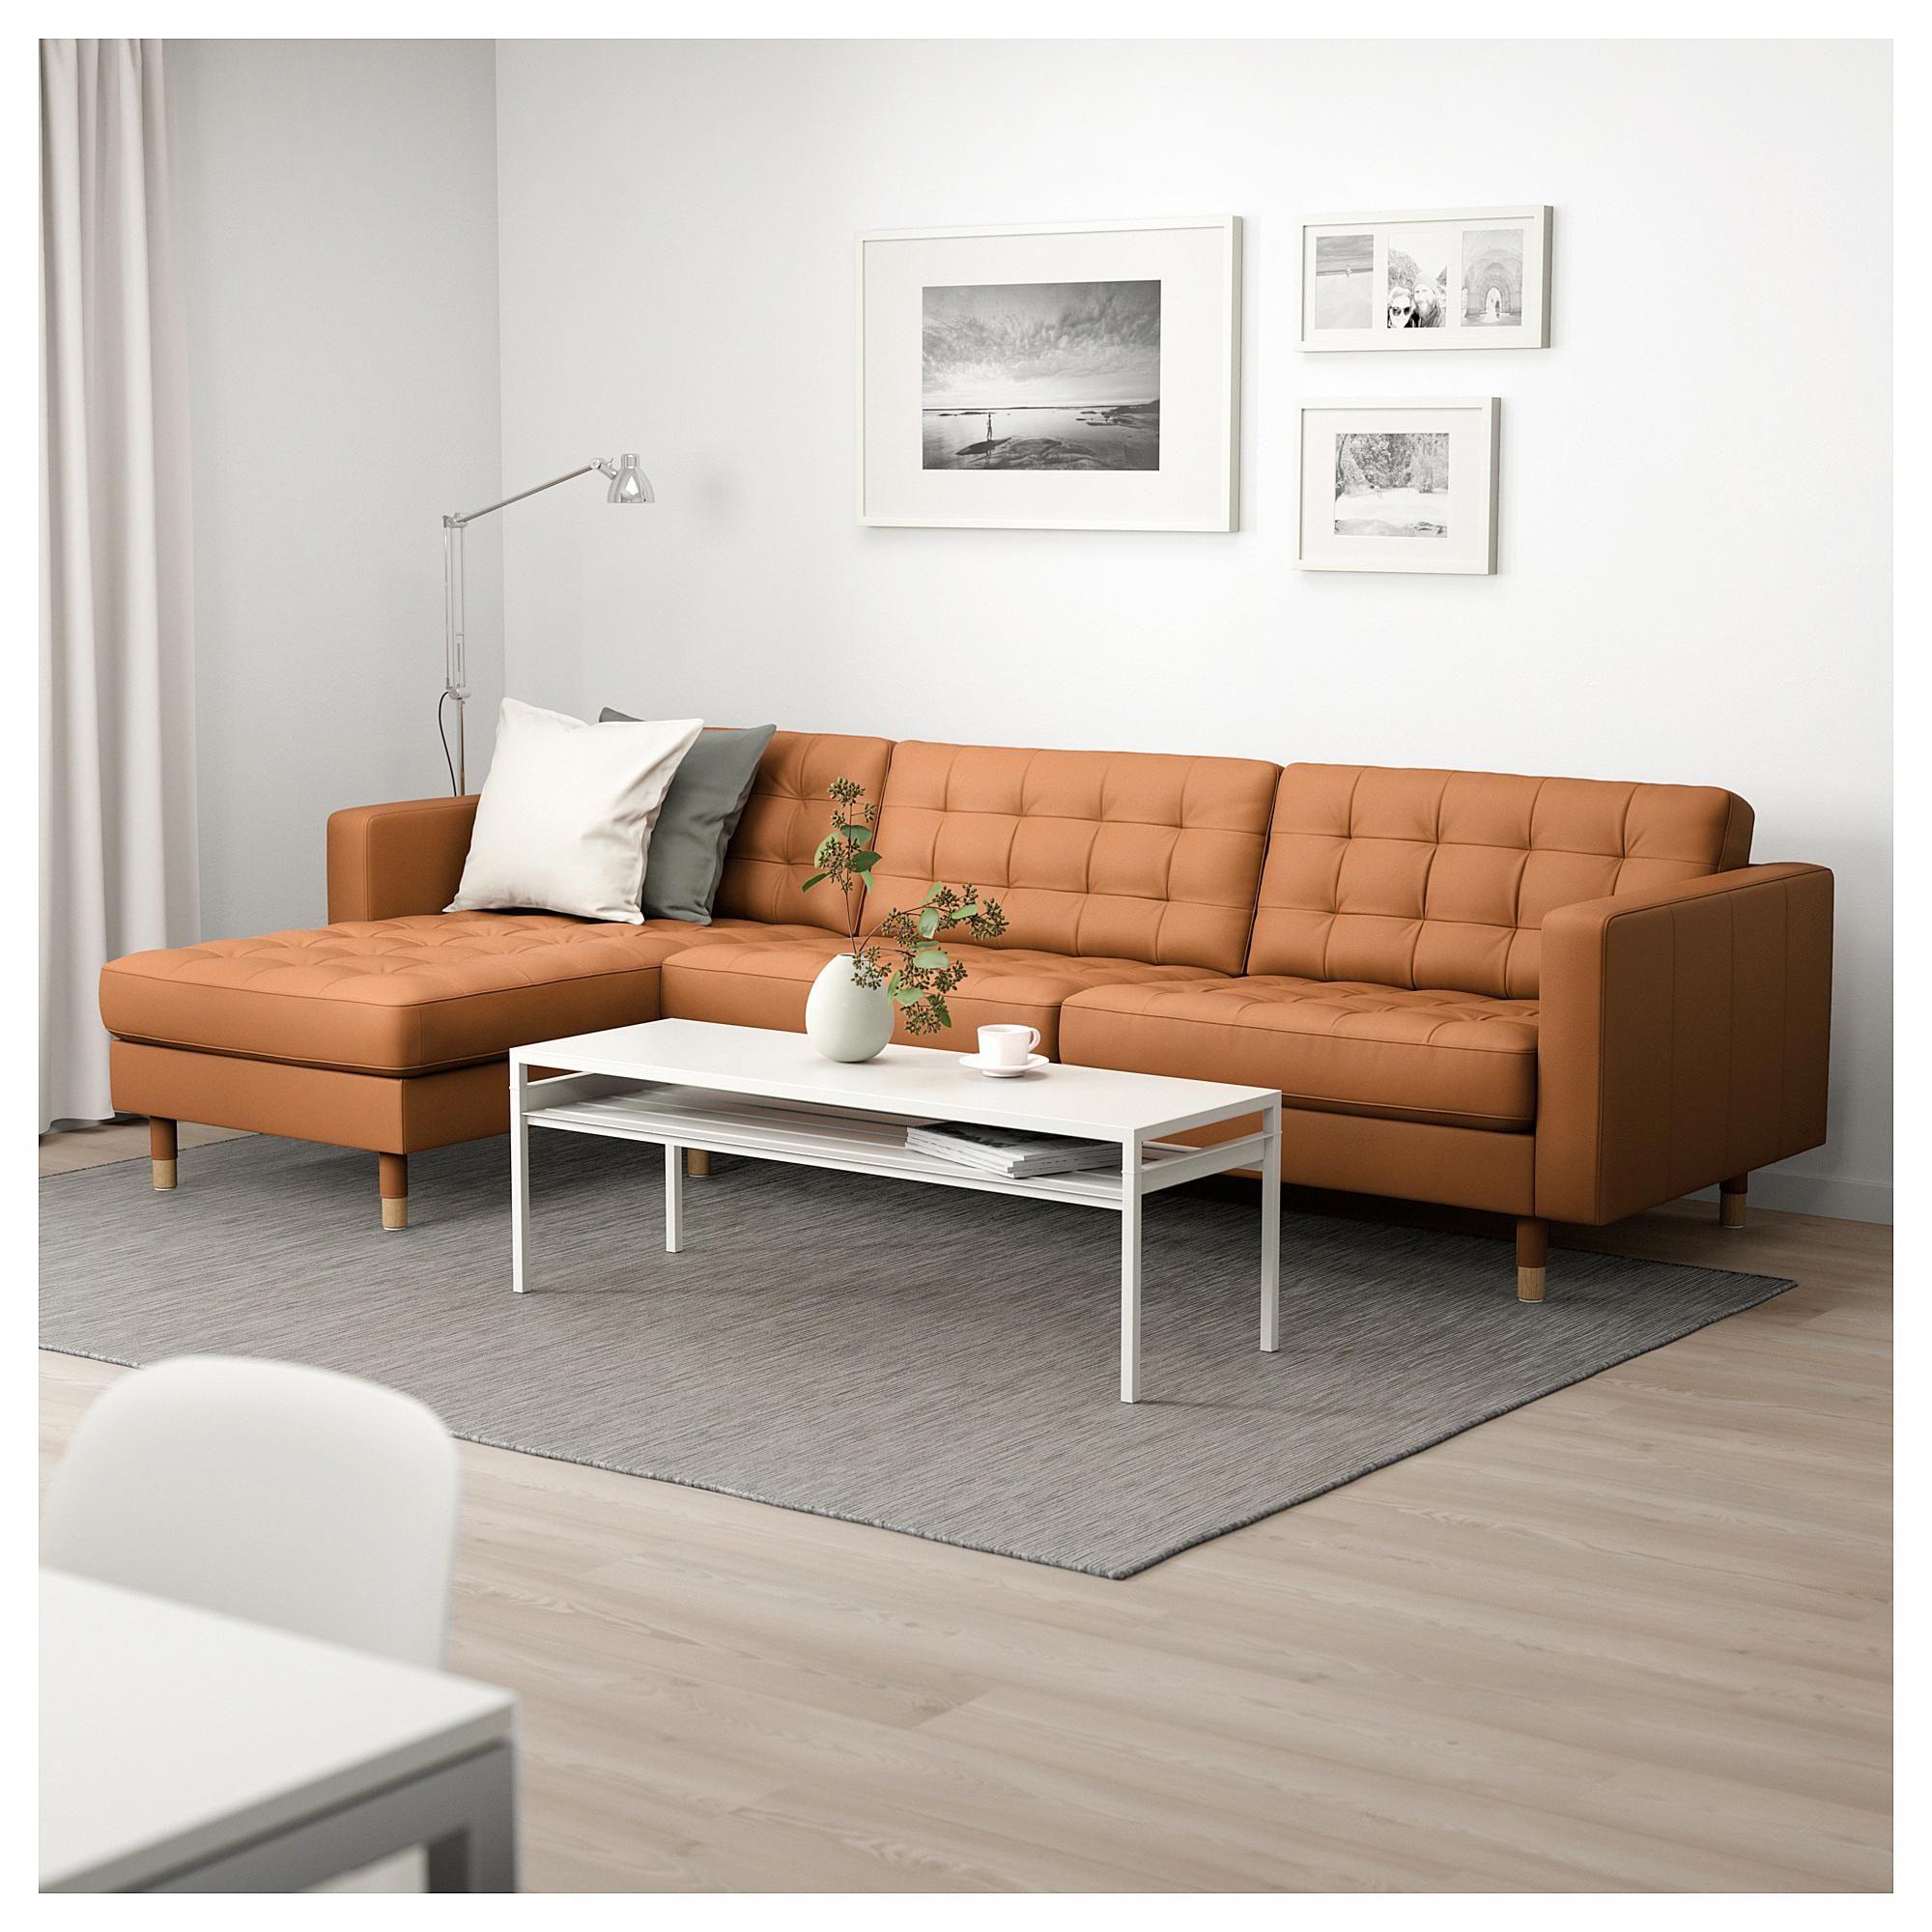 Tips That Help You Get The Best Leather Sofa Deal Landskrona Sofa Landskrona Brown Living Room